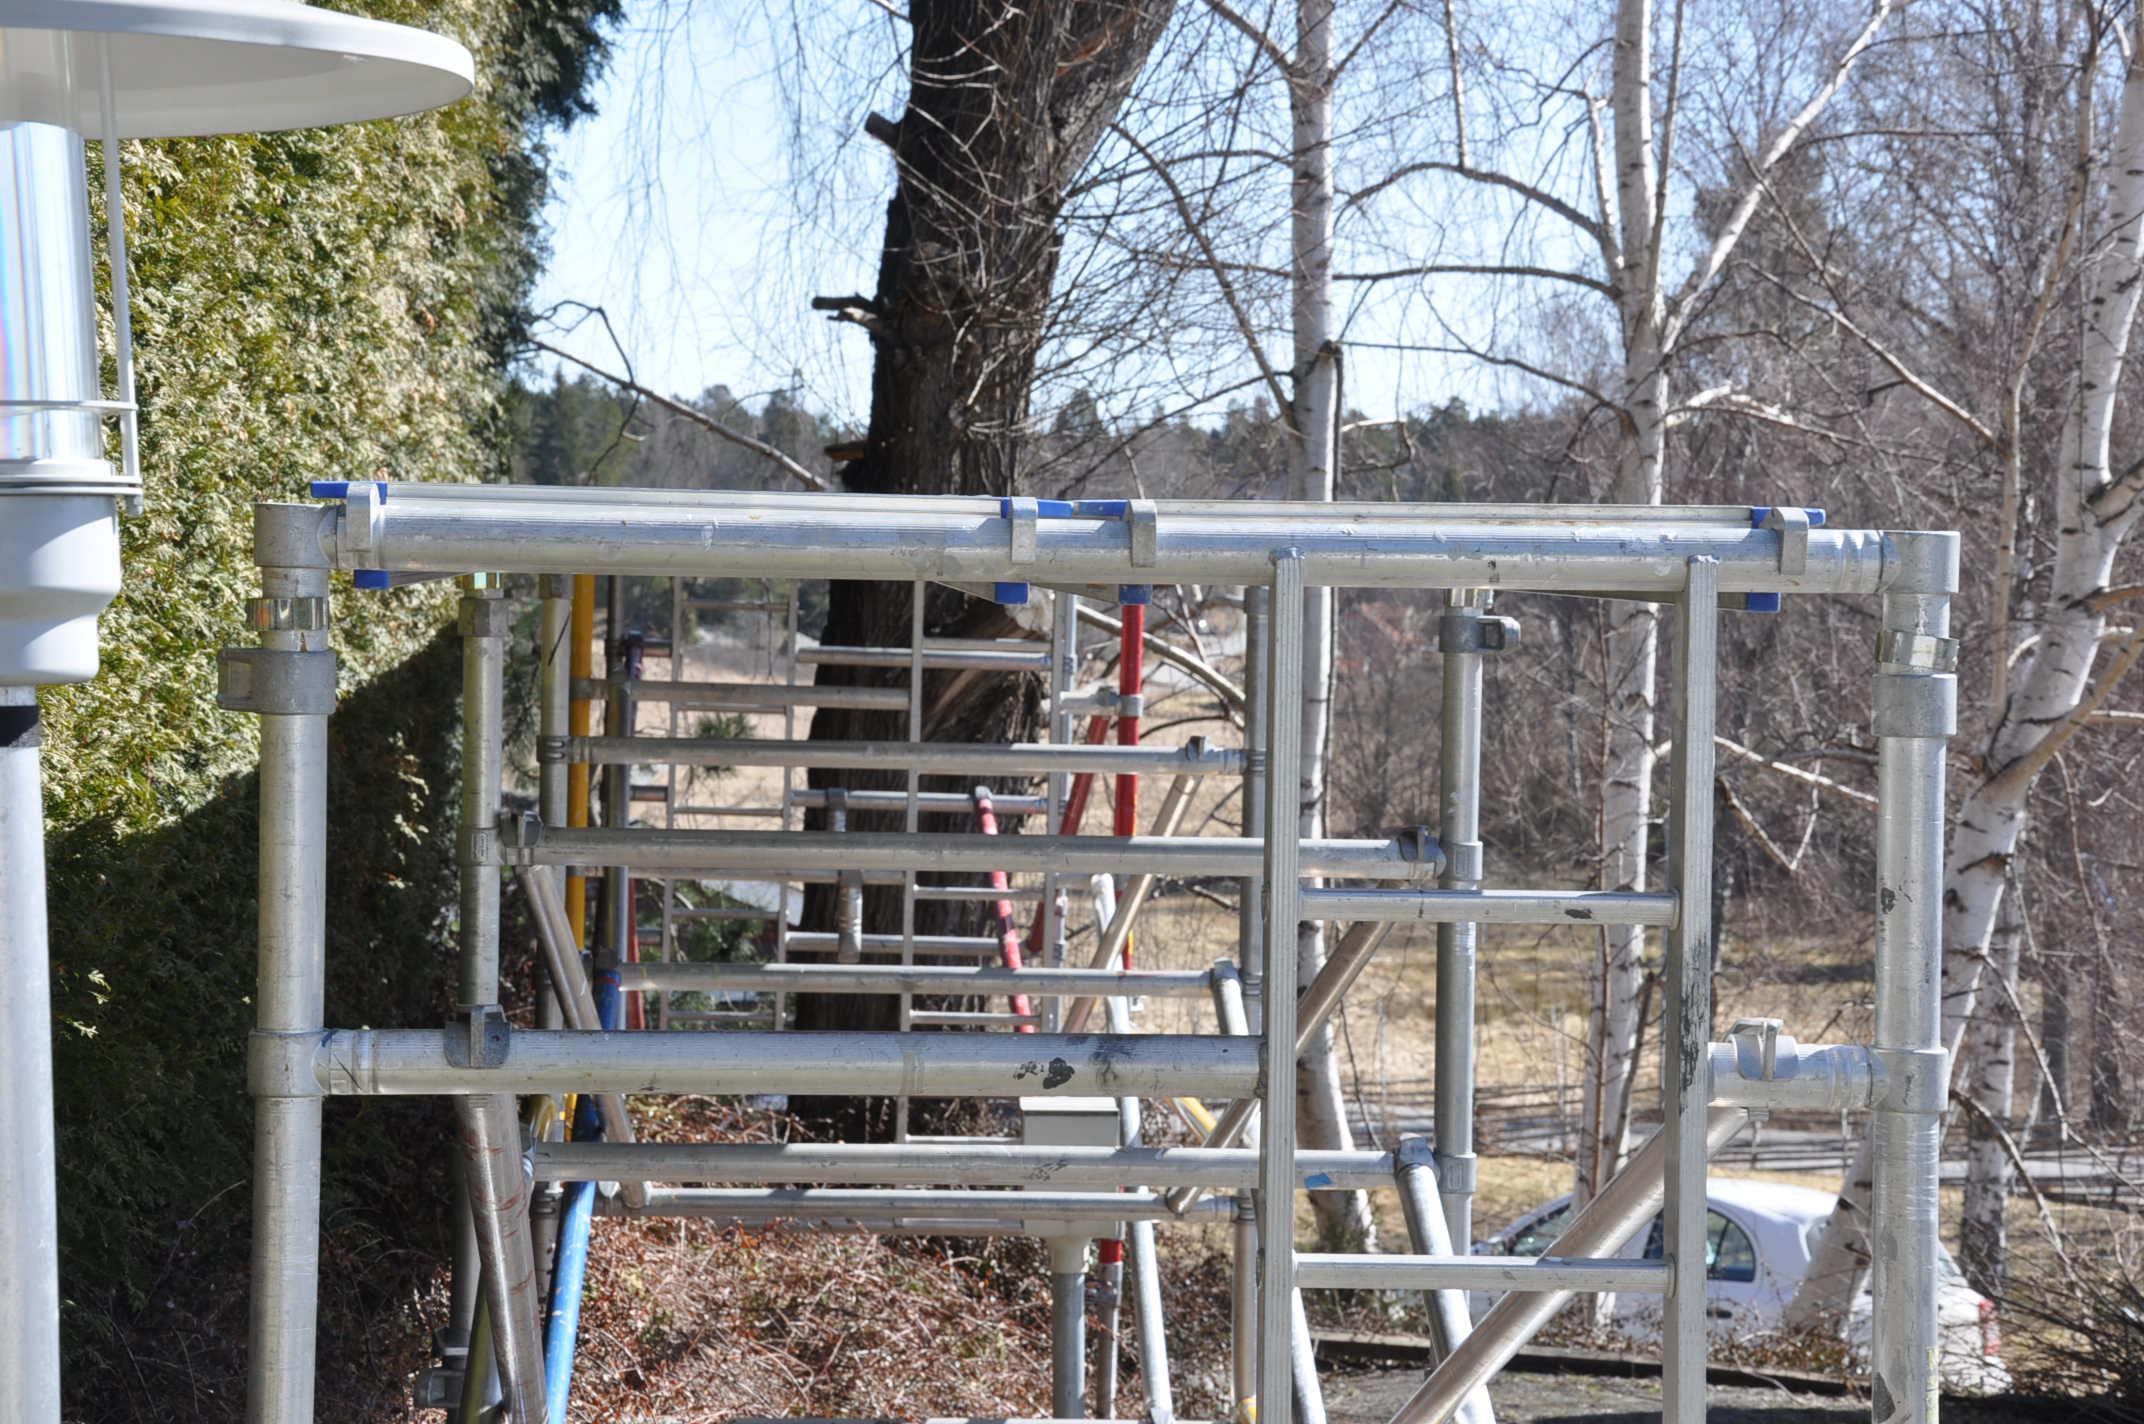 hyr byggställning stockholm målarställning måla ställning (5)